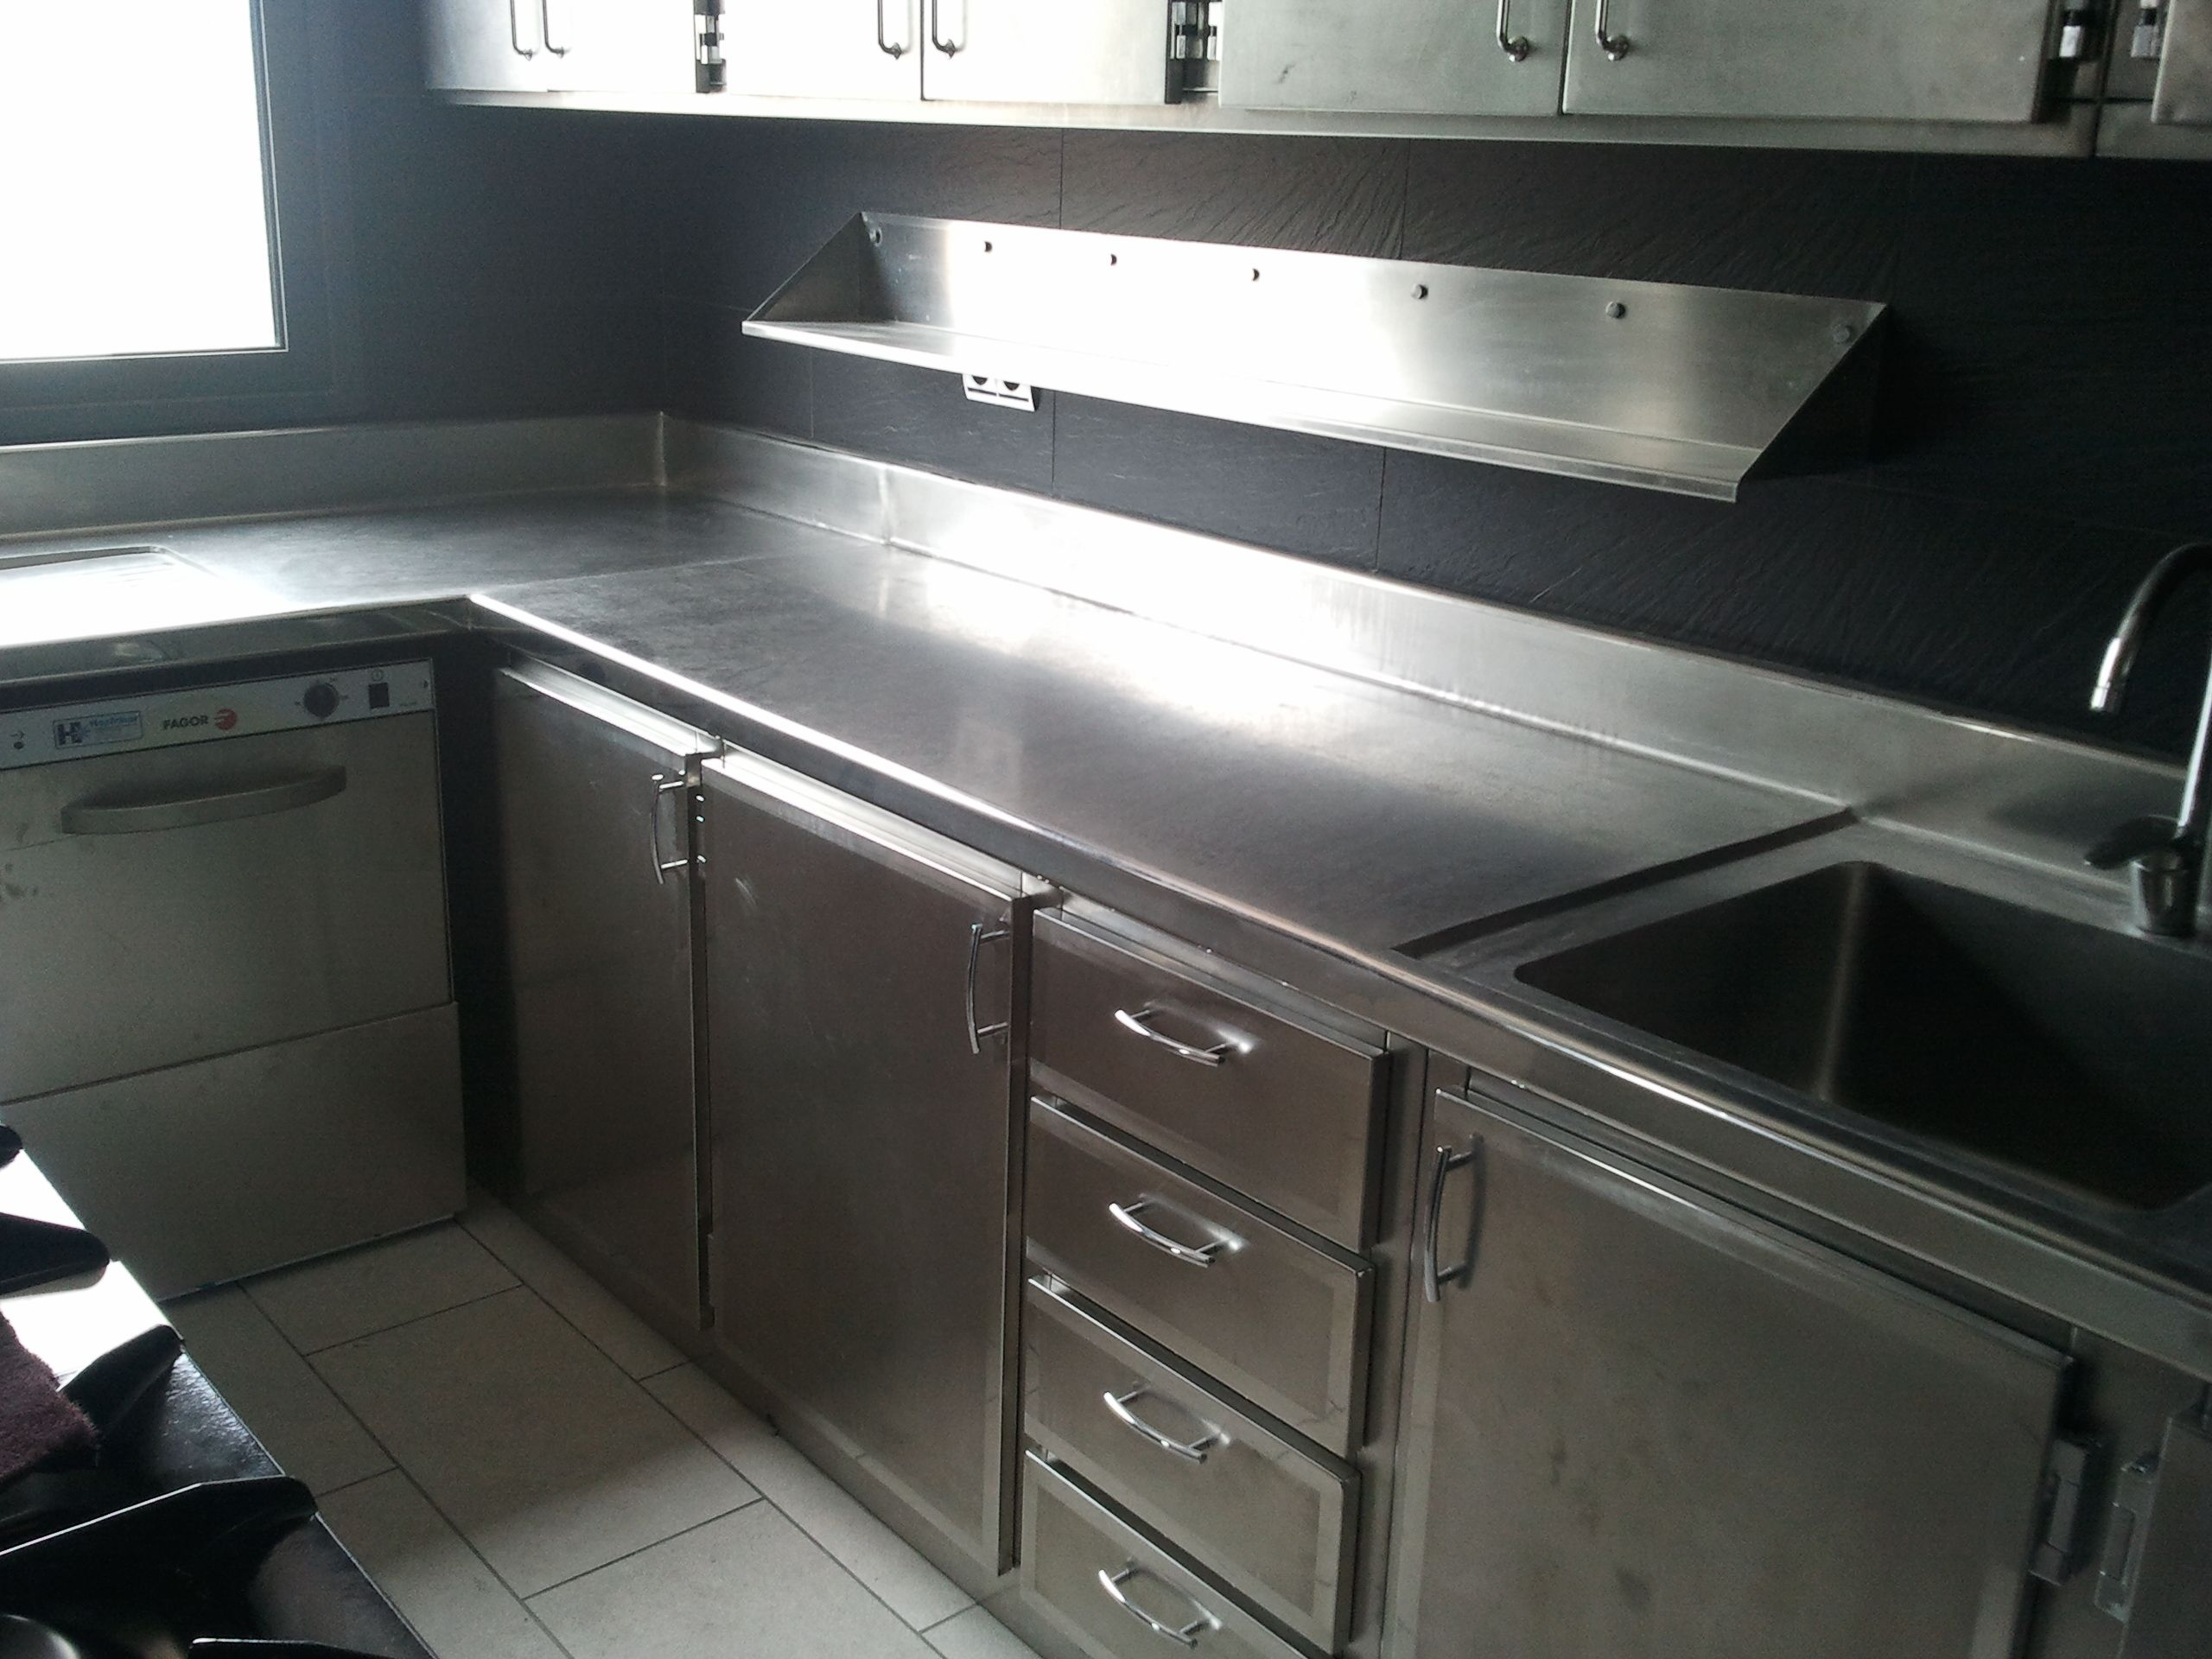 kuali cocinas - muebles de cocina en acero inoxidable - Buscar con ...